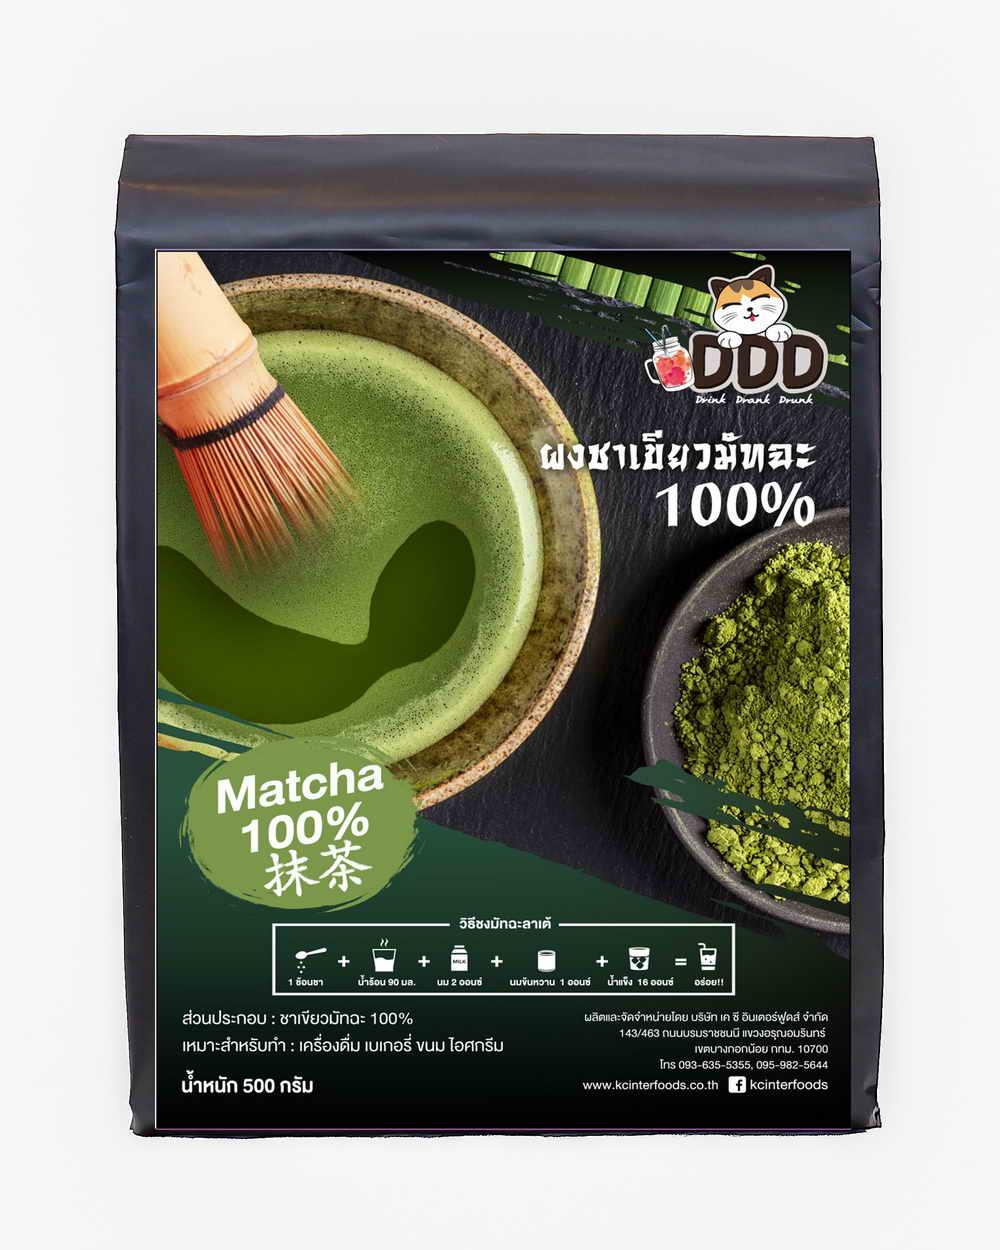 ผงชาเขียวมัทฉะ 100% สูตรพรีเมี่ยม